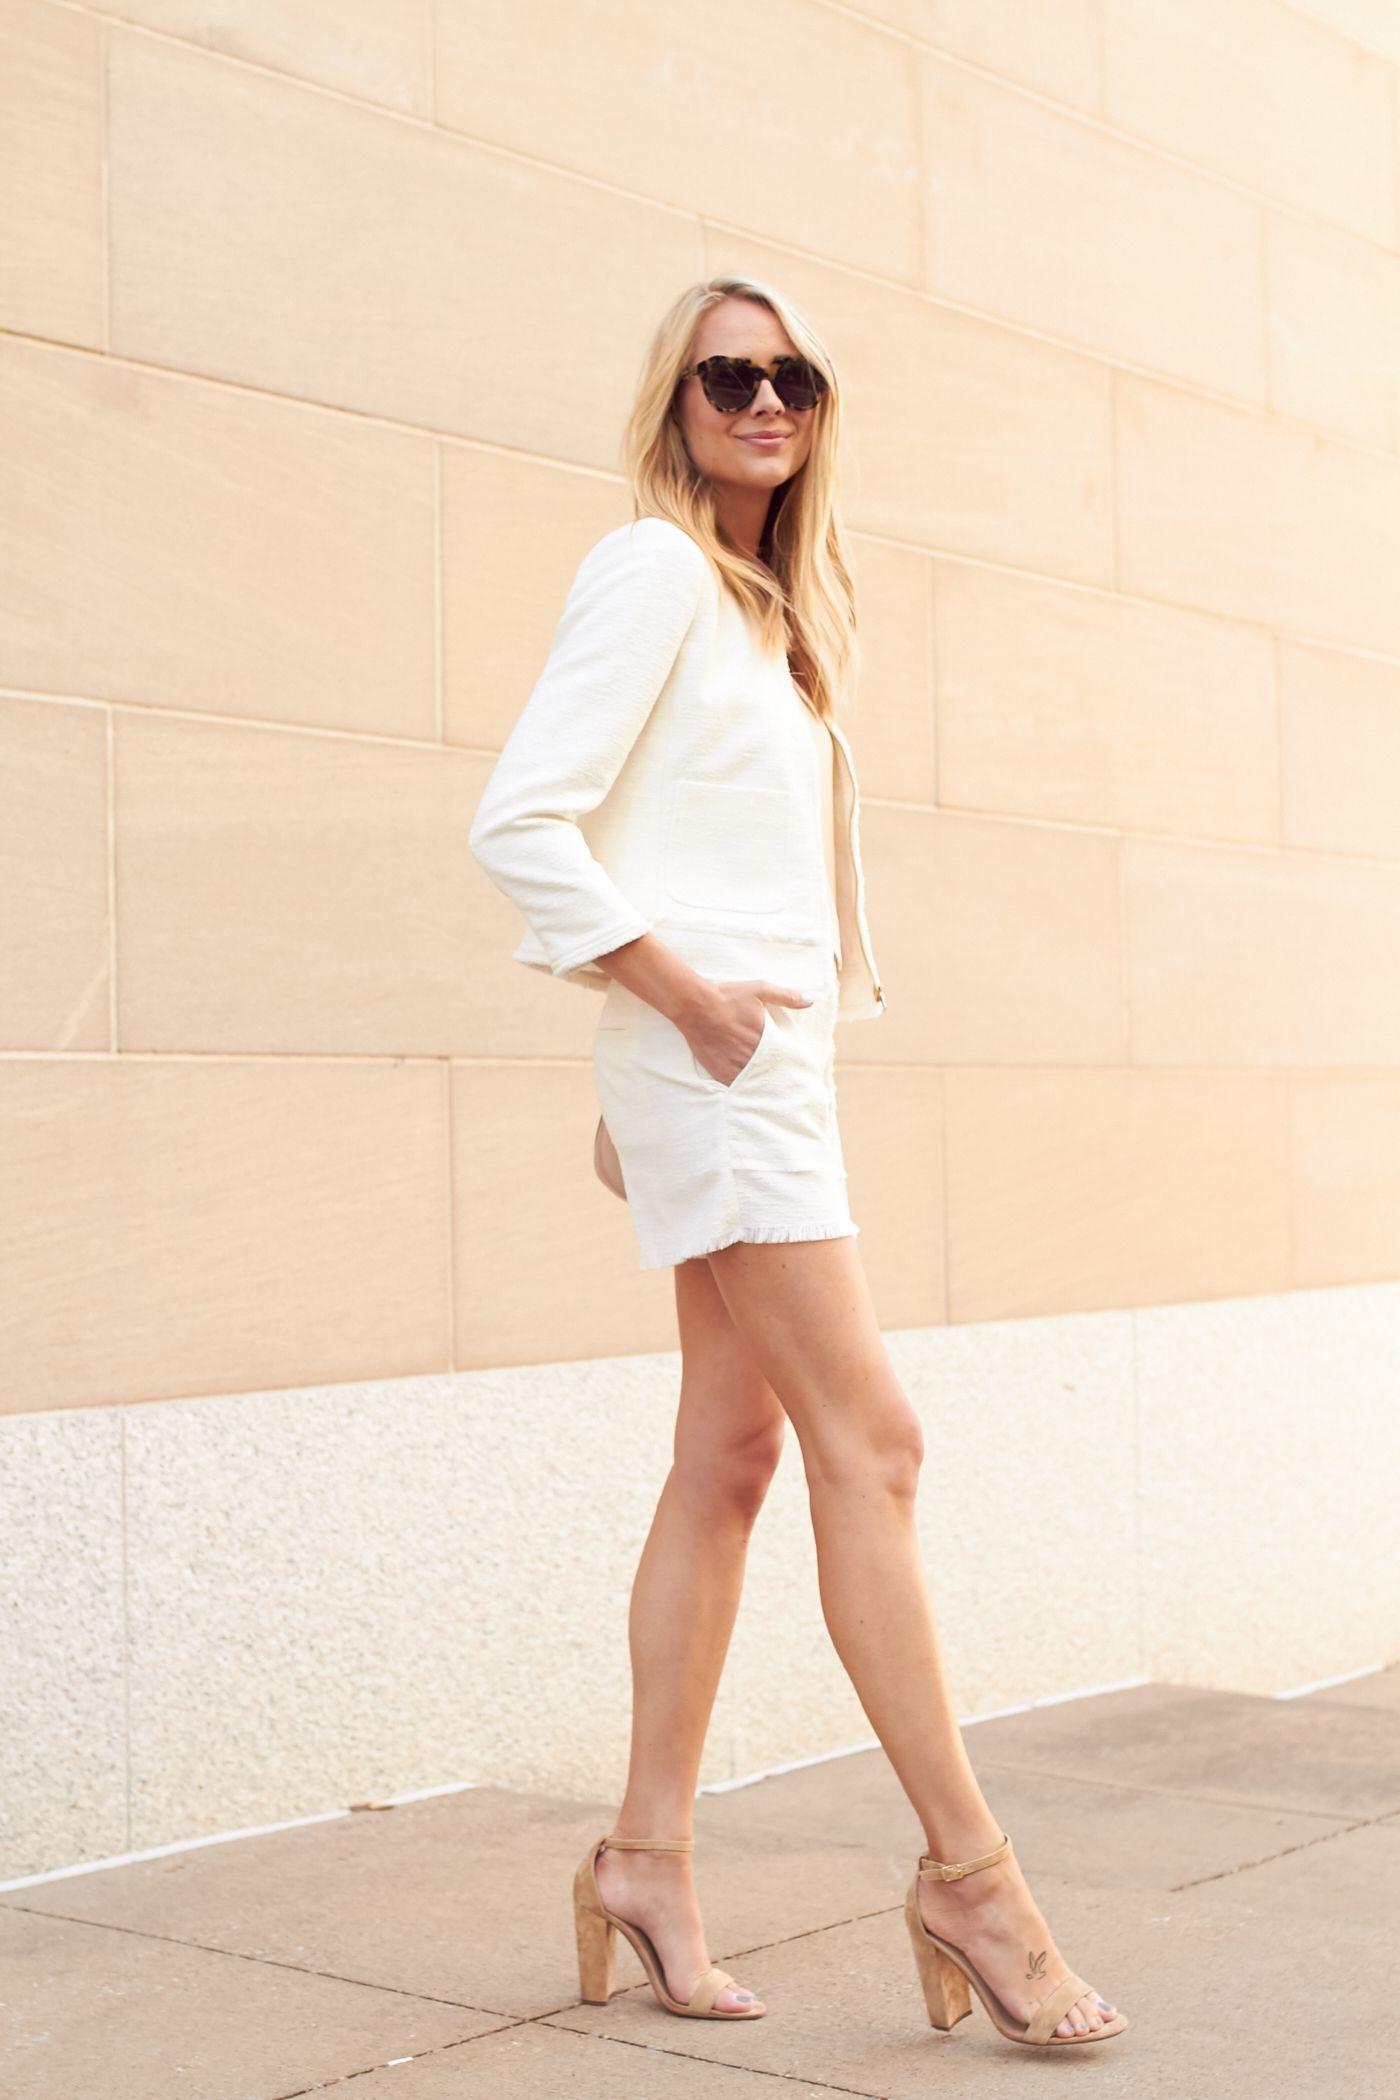 fc06e3b9a4e5c fashion-jackson-steve-madden-carrson -sandals-white-tweed-fringe-jacket-white-tweed-fringe-shorts